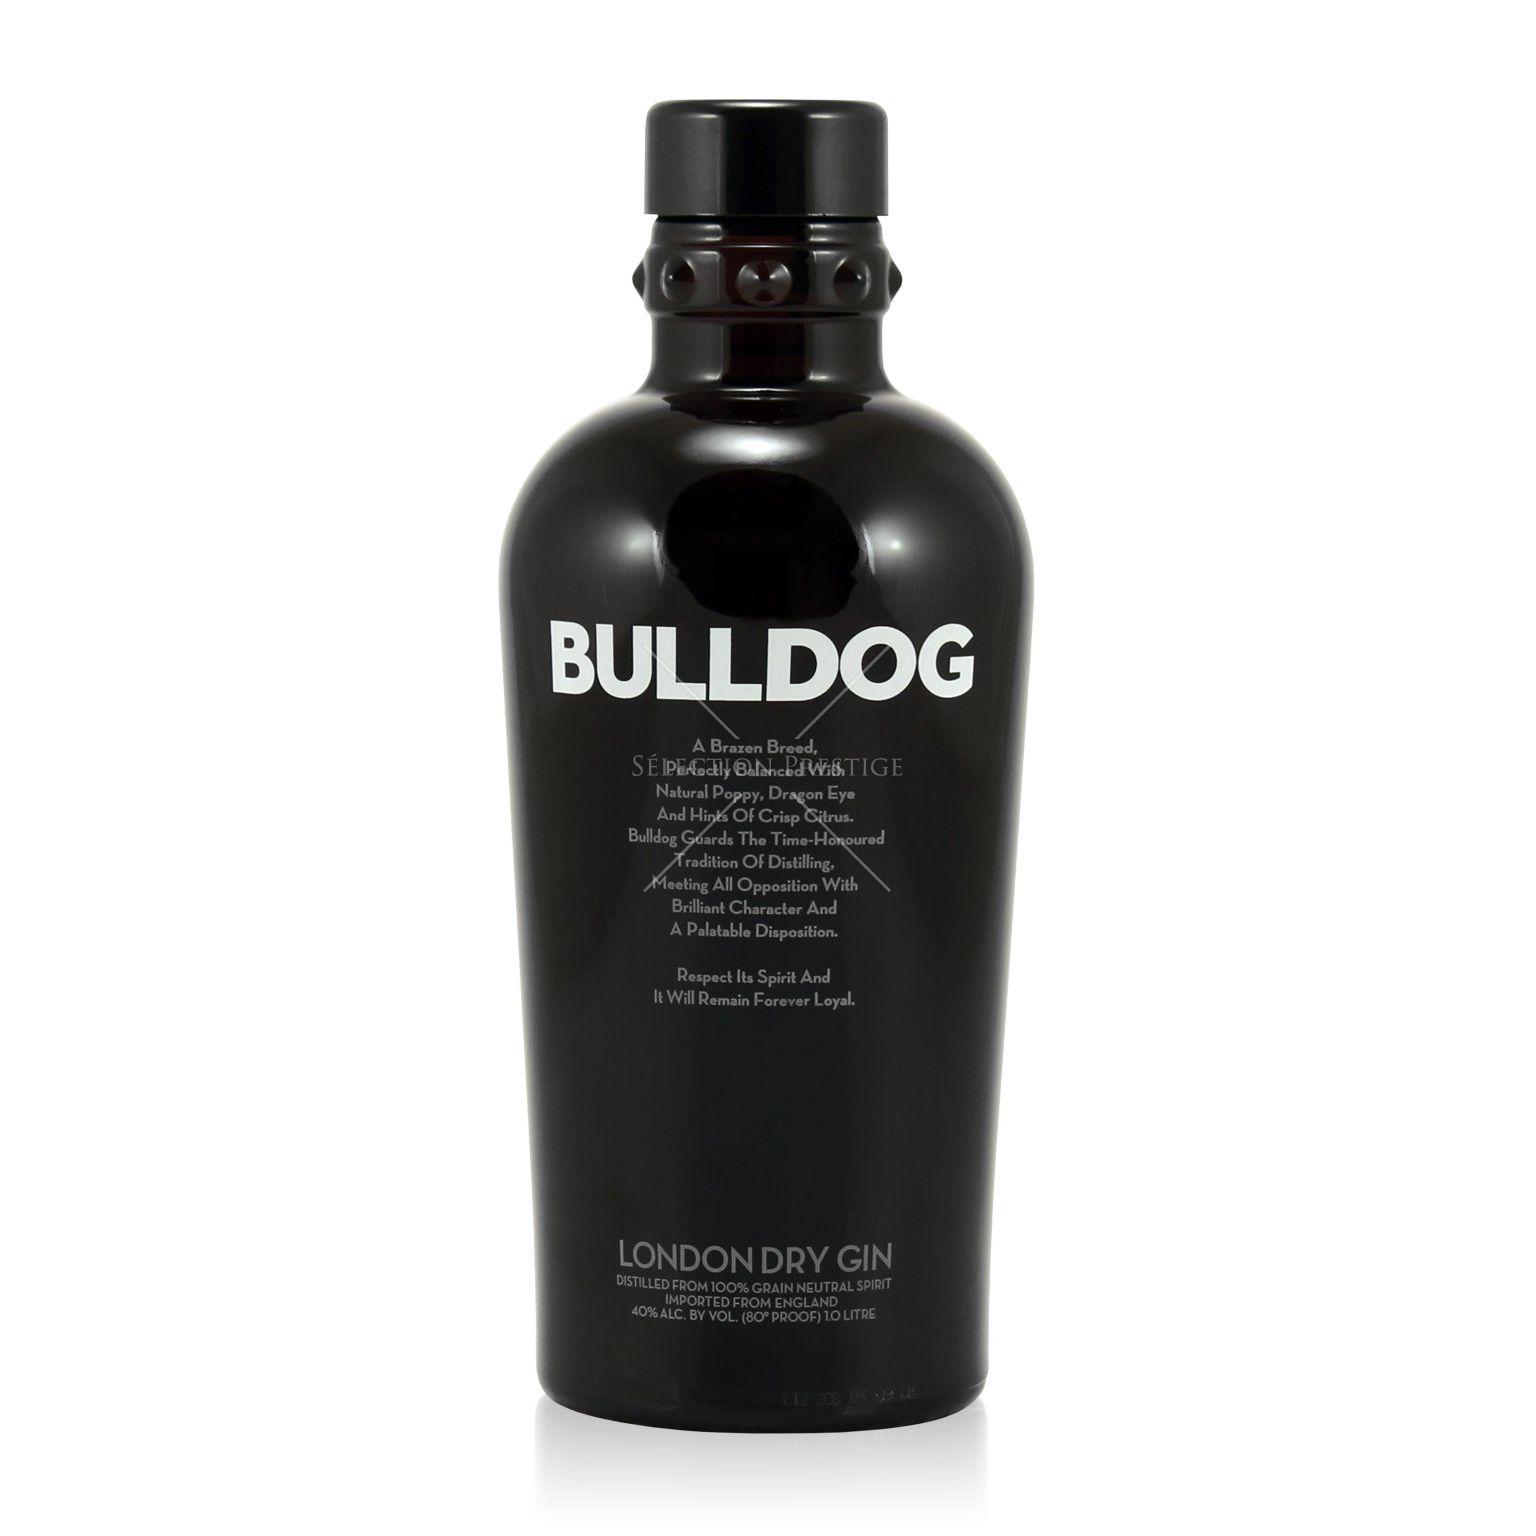 BULLDOG LONDON DRY GIN 100cl